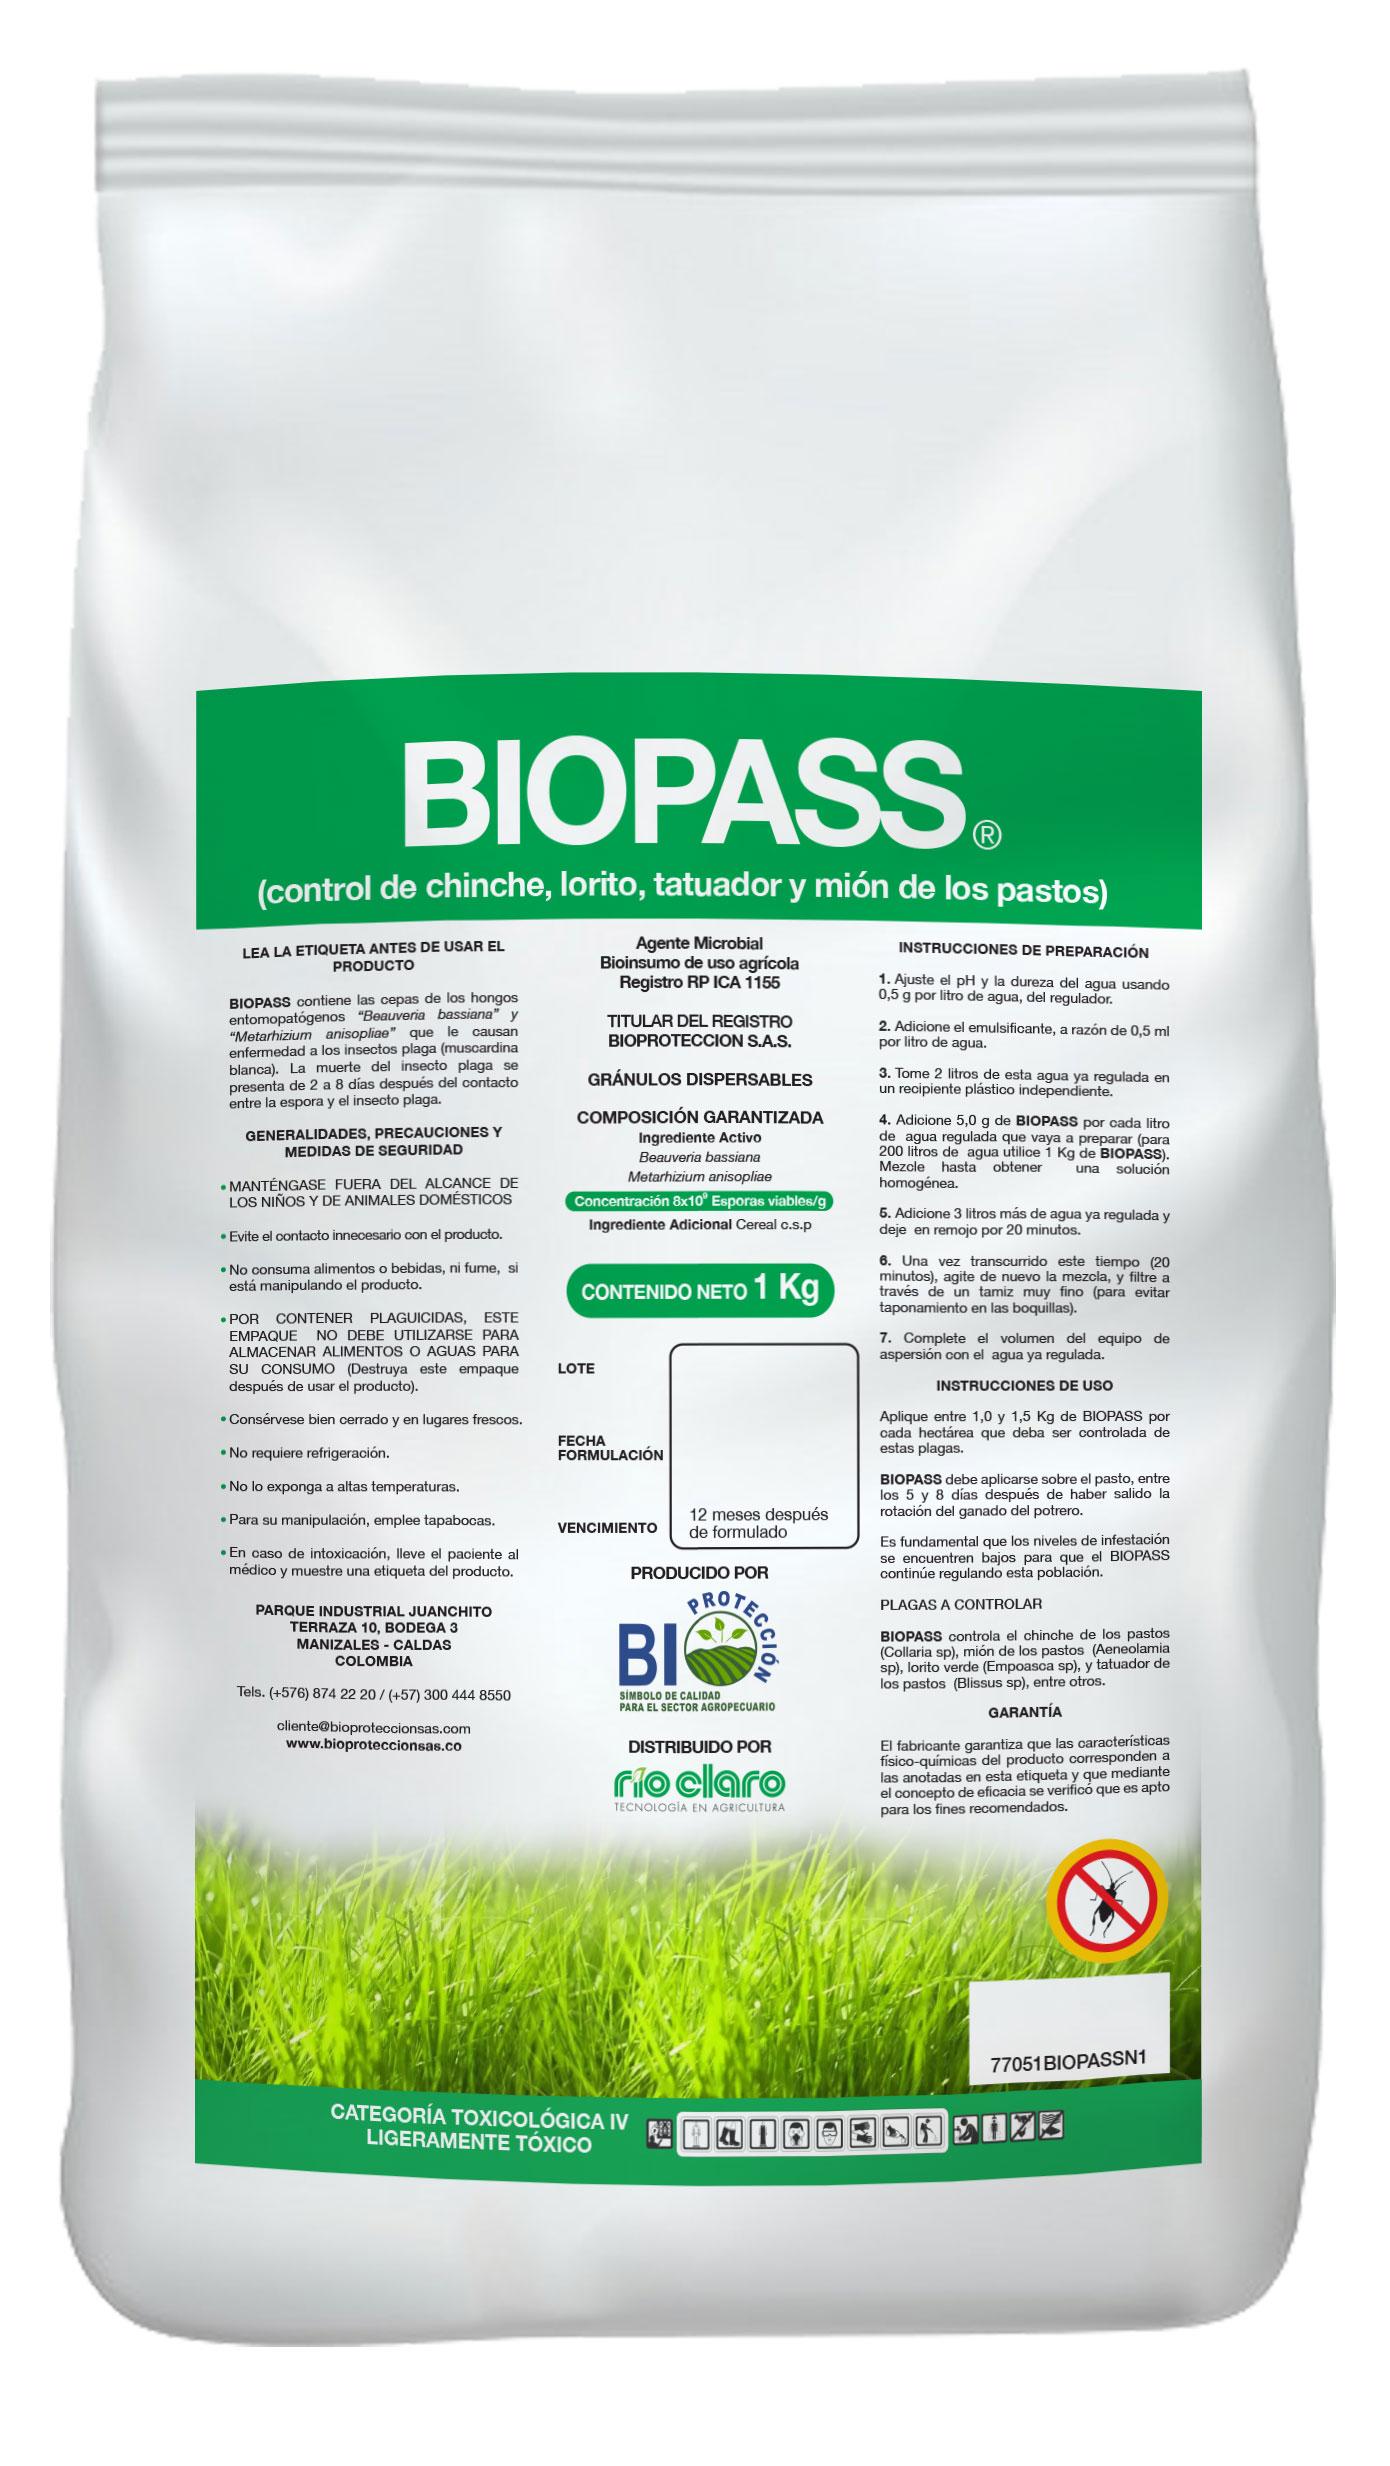 Biopass